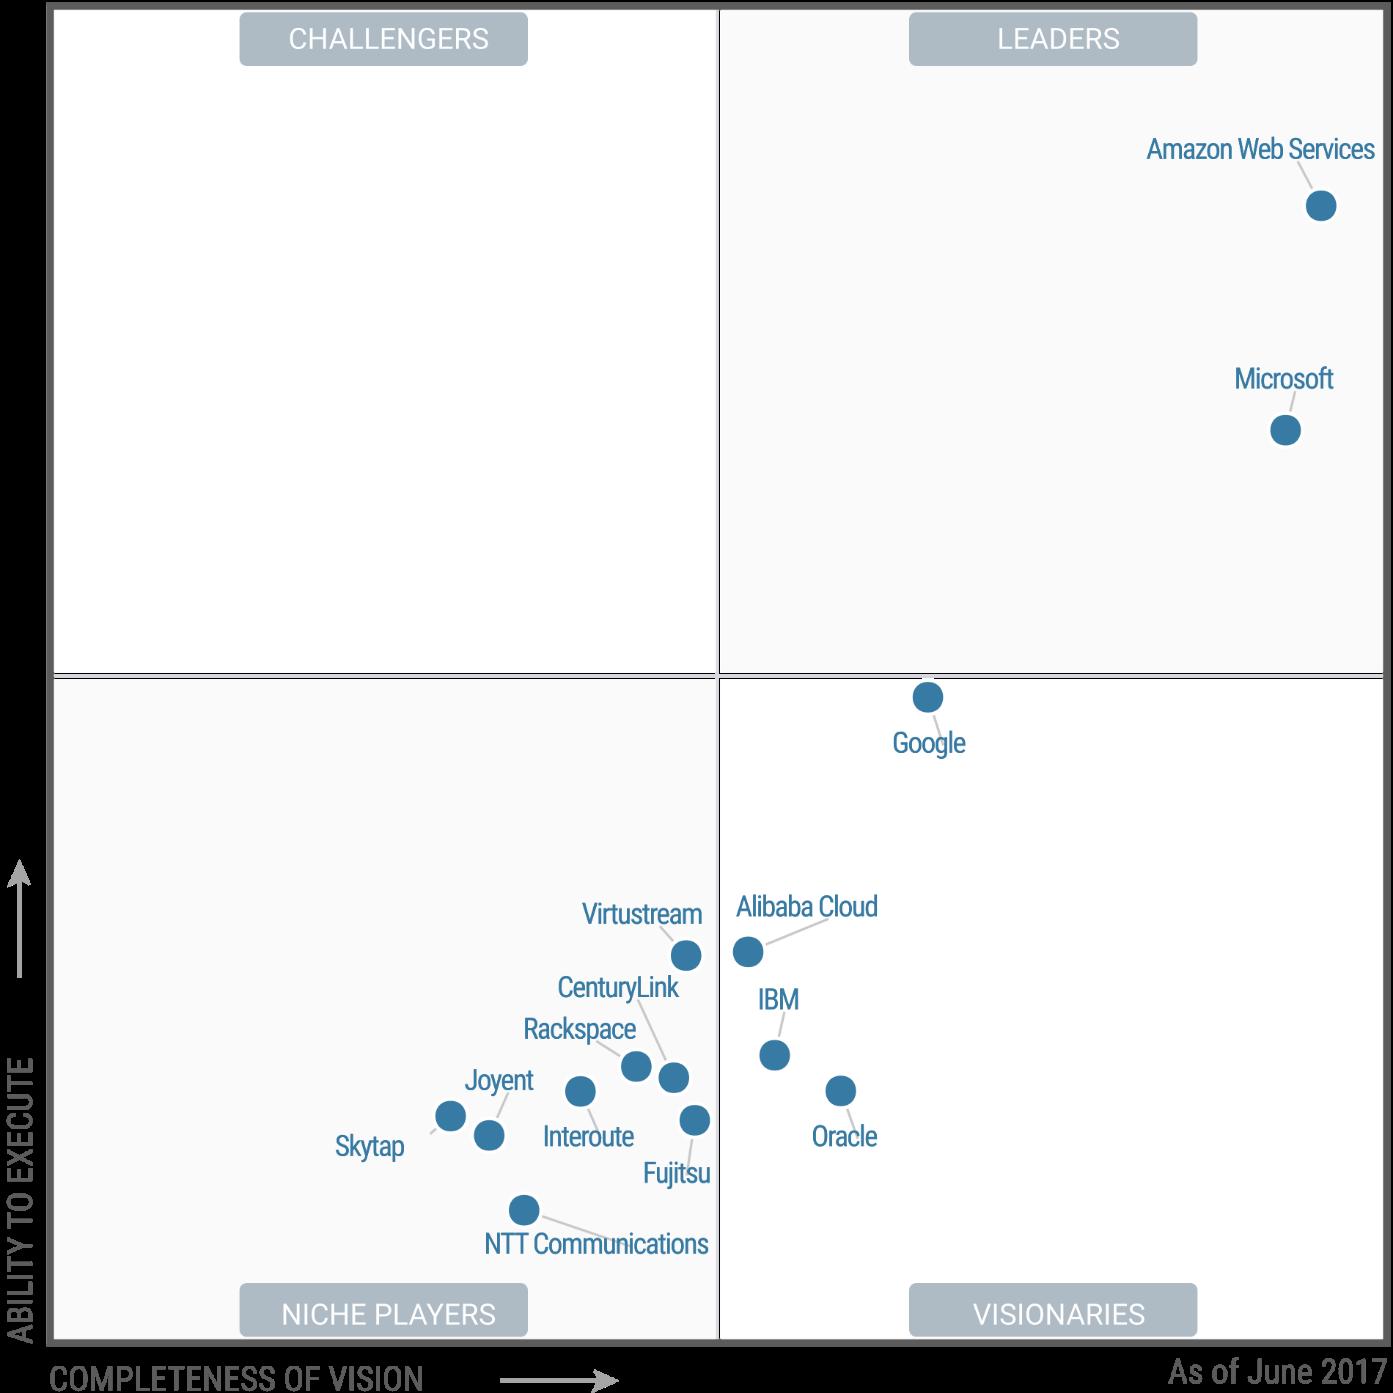 云计算国际市场的群雄逐鹿:阿里云的国际化突破策略分析